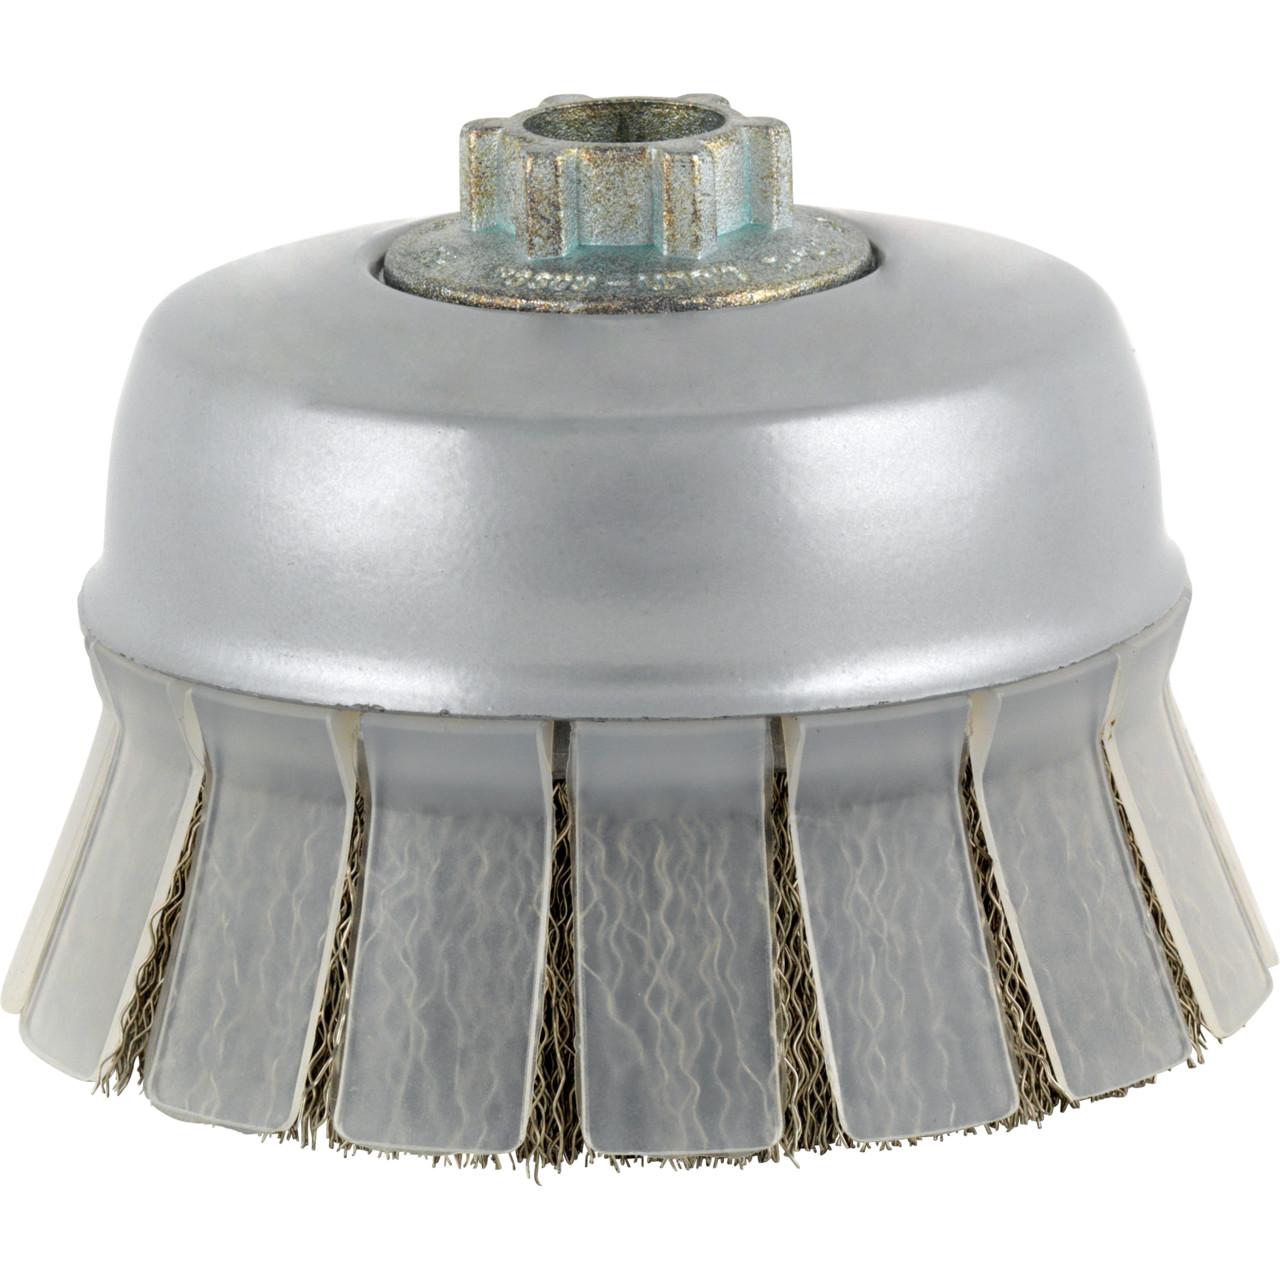 Immagine di Spazzole a tazza SHIELD PREMIUM*** per acciaio inossidabile